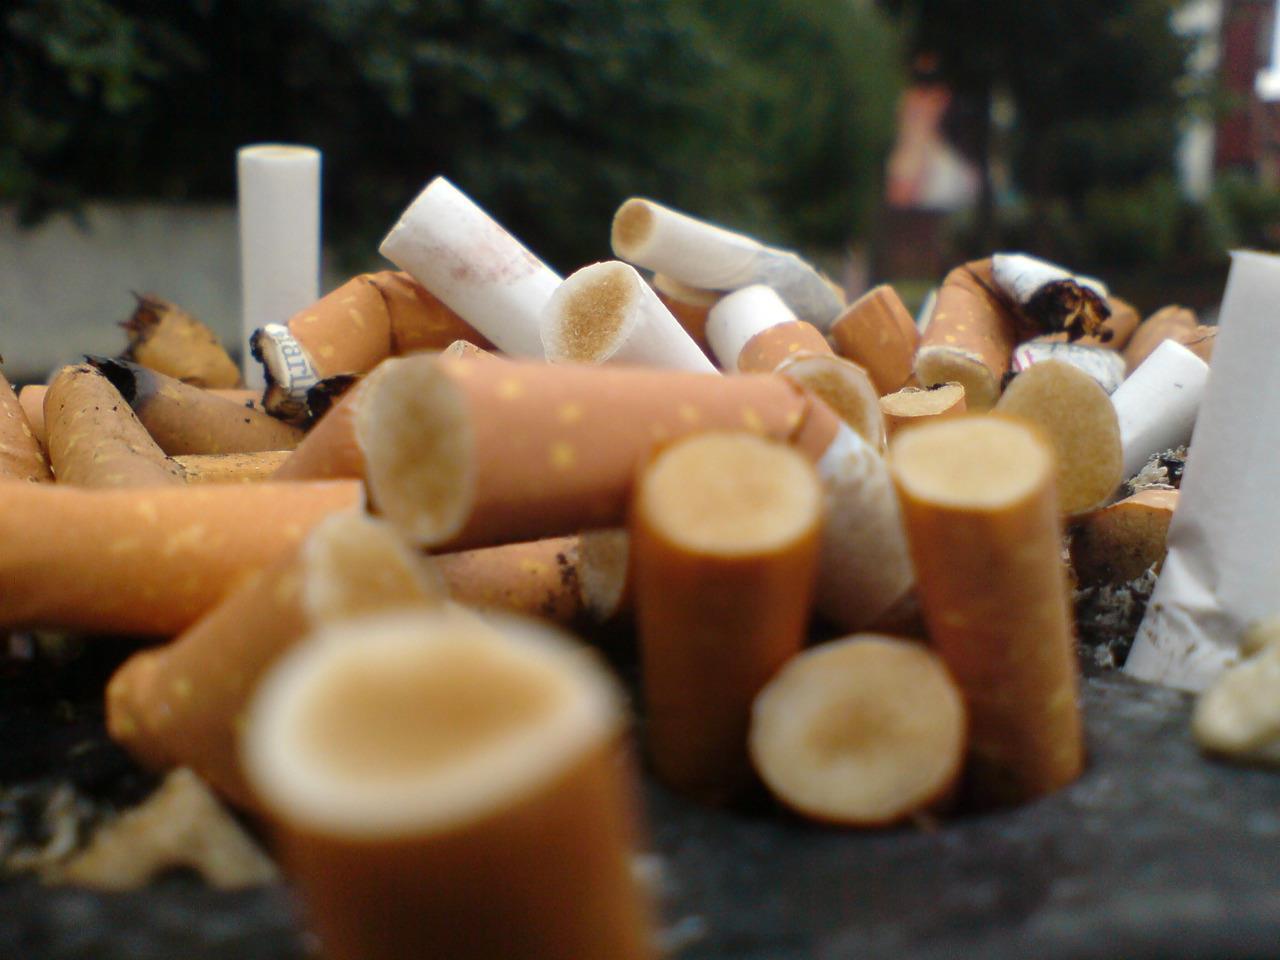 tobacco control cigarette tips